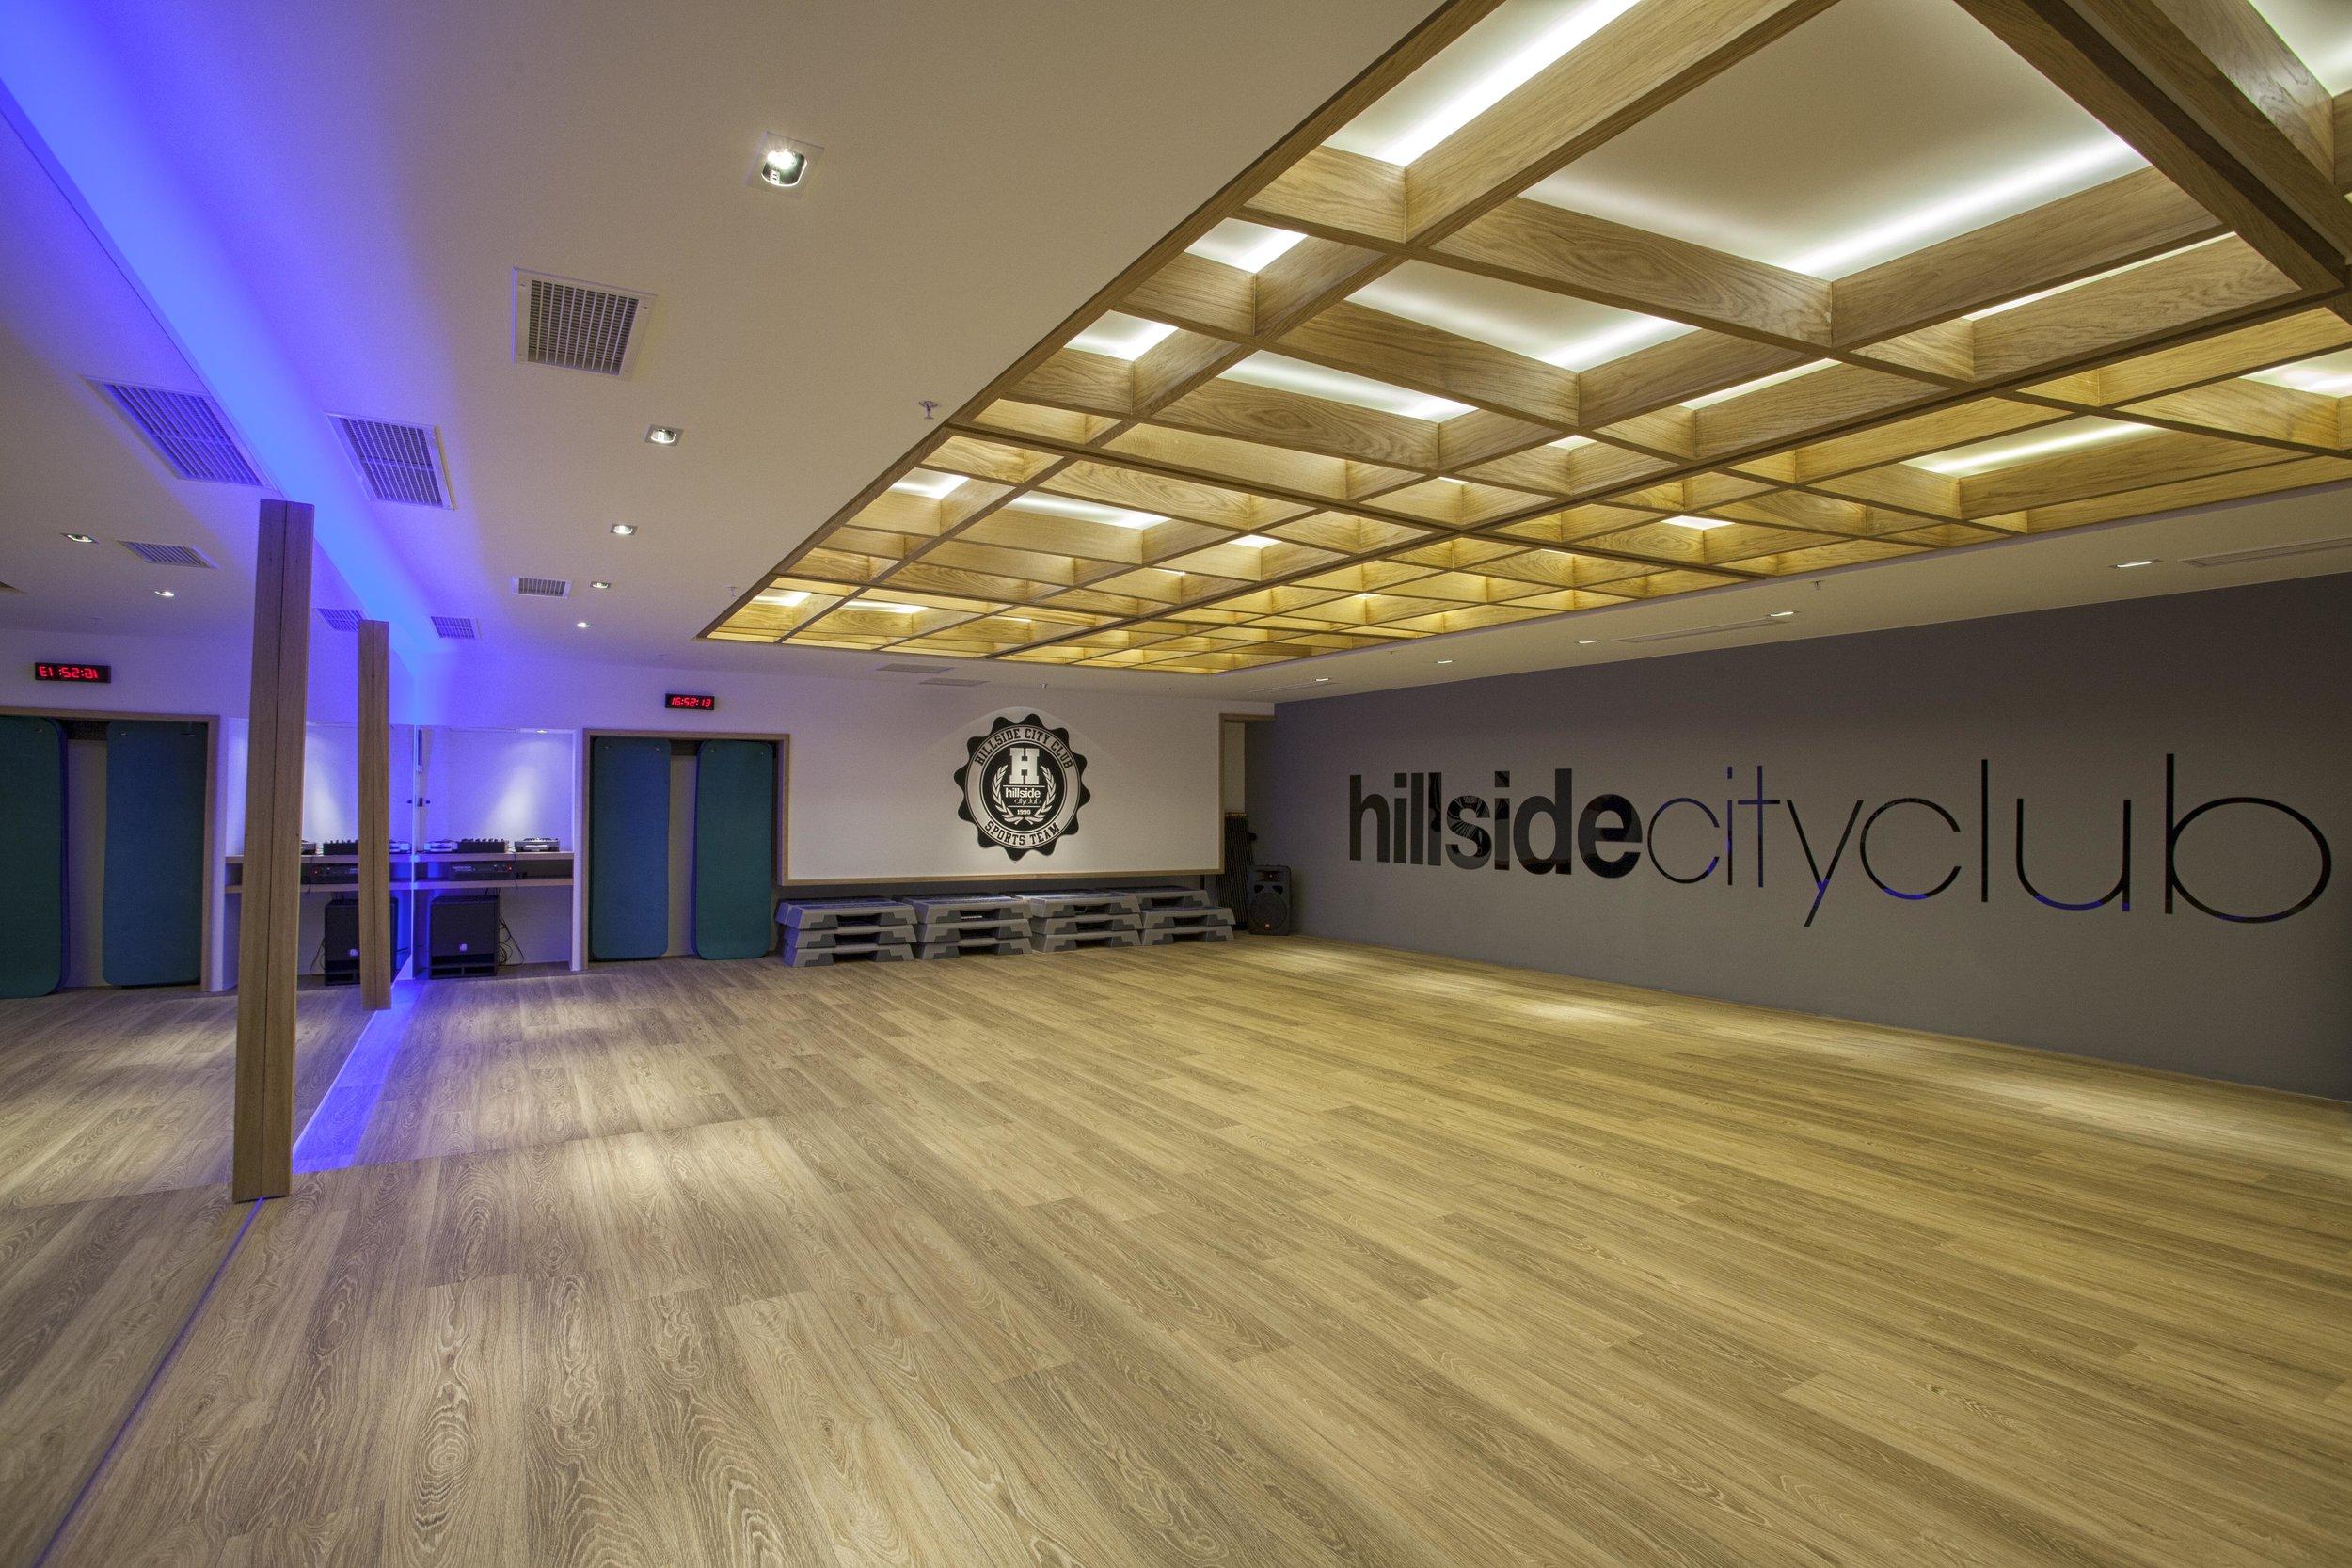 Hillside_City_Club_Etiler_00002.jpg